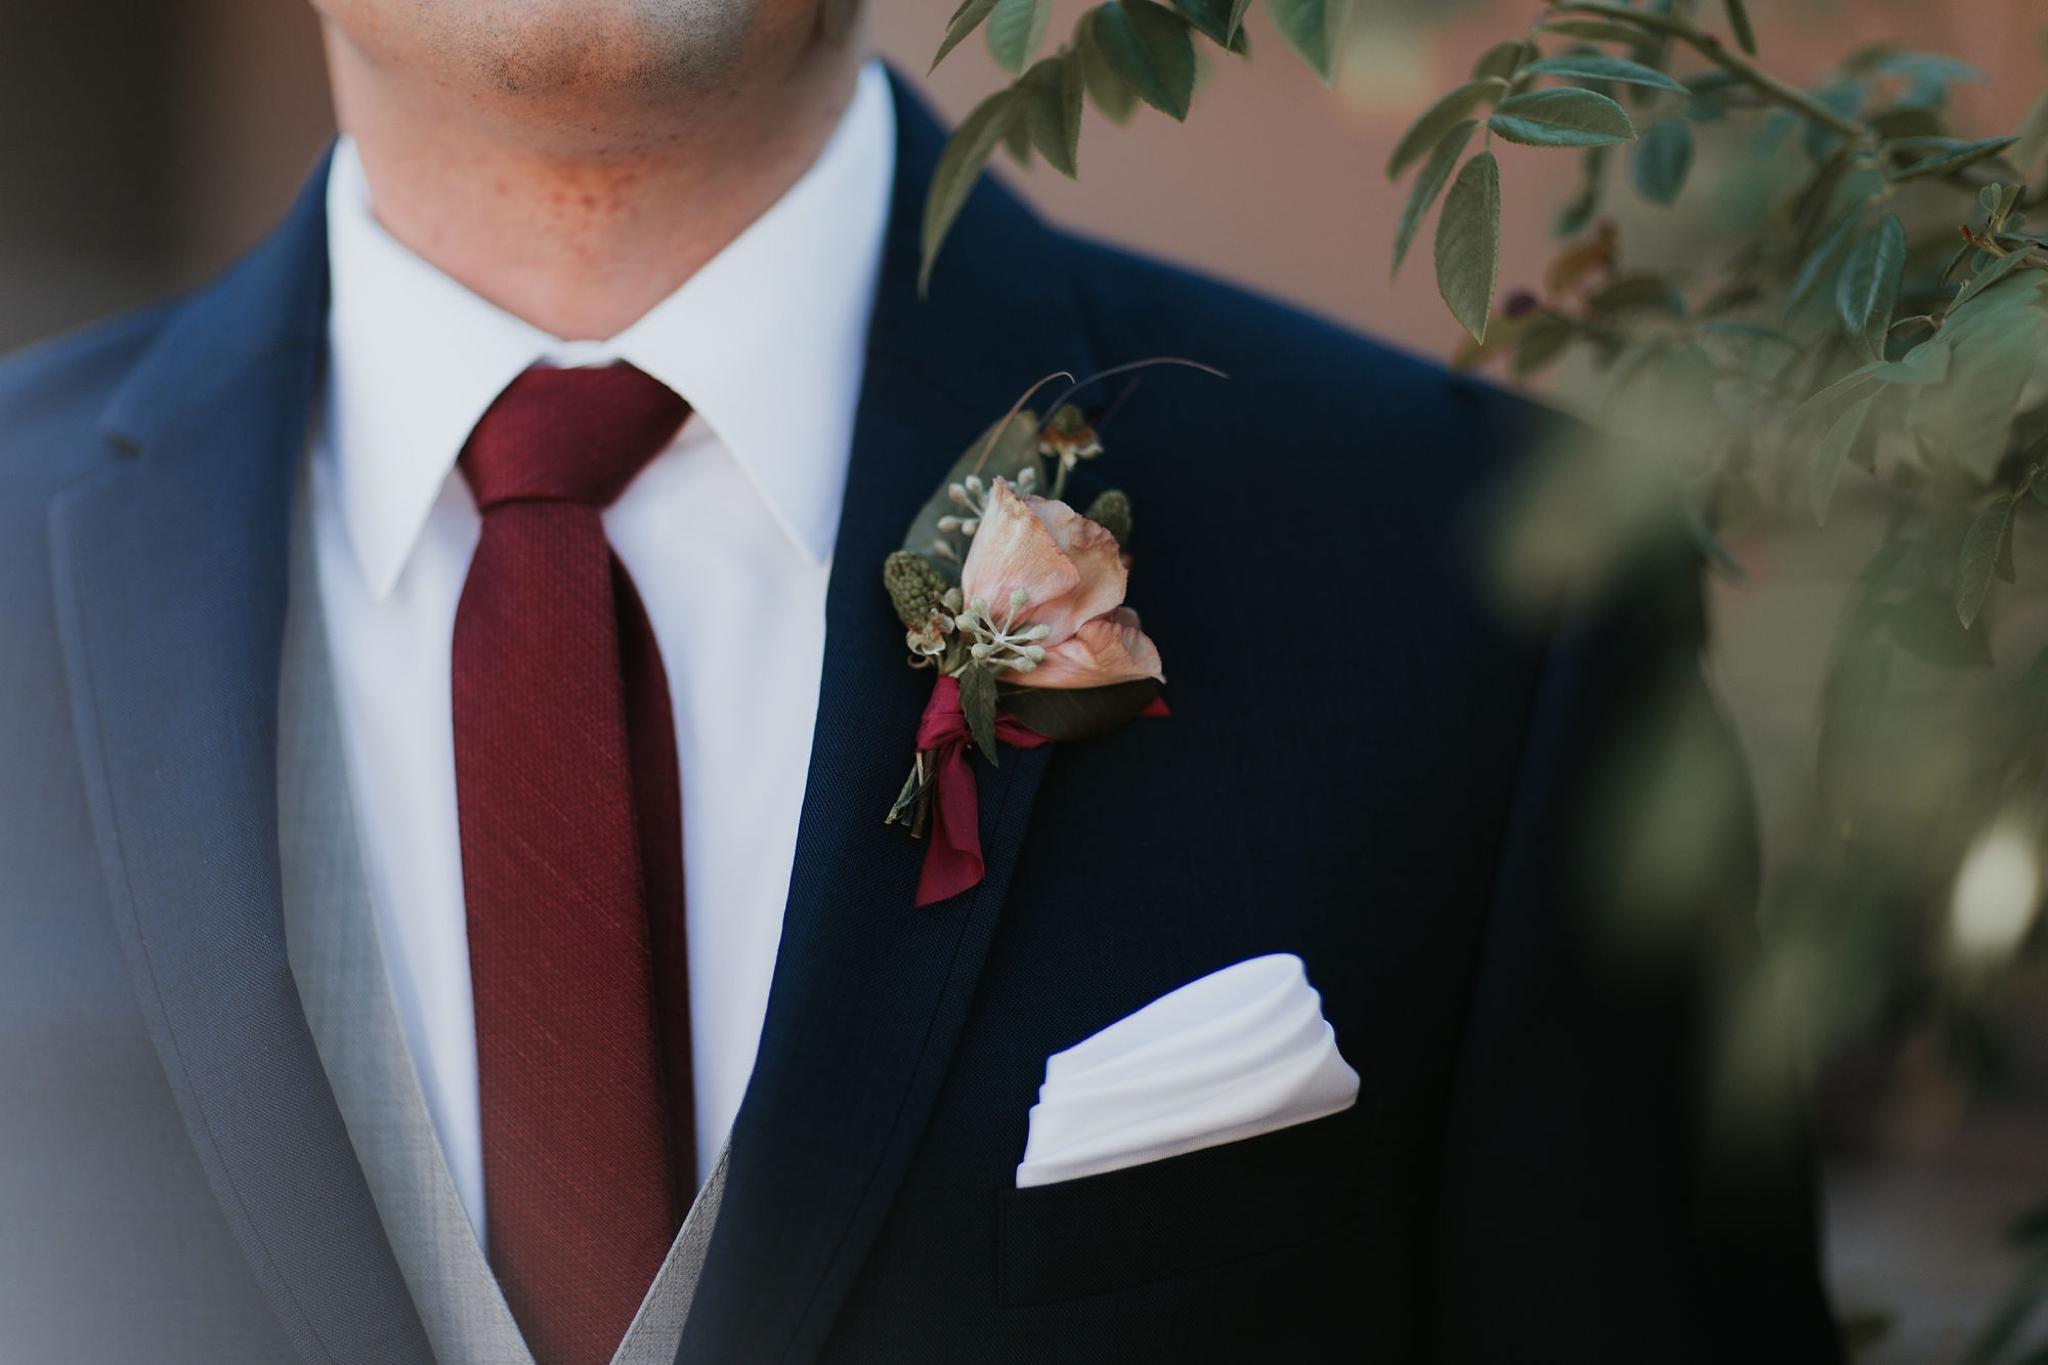 Alicia+lucia+photography+-+albuquerque+wedding+photographer+-+santa+fe+wedding+photography+-+new+mexico+wedding+photographer+-+new+mexico+florist+-+wedding+florist+-+renegade+floral_0103.jpg